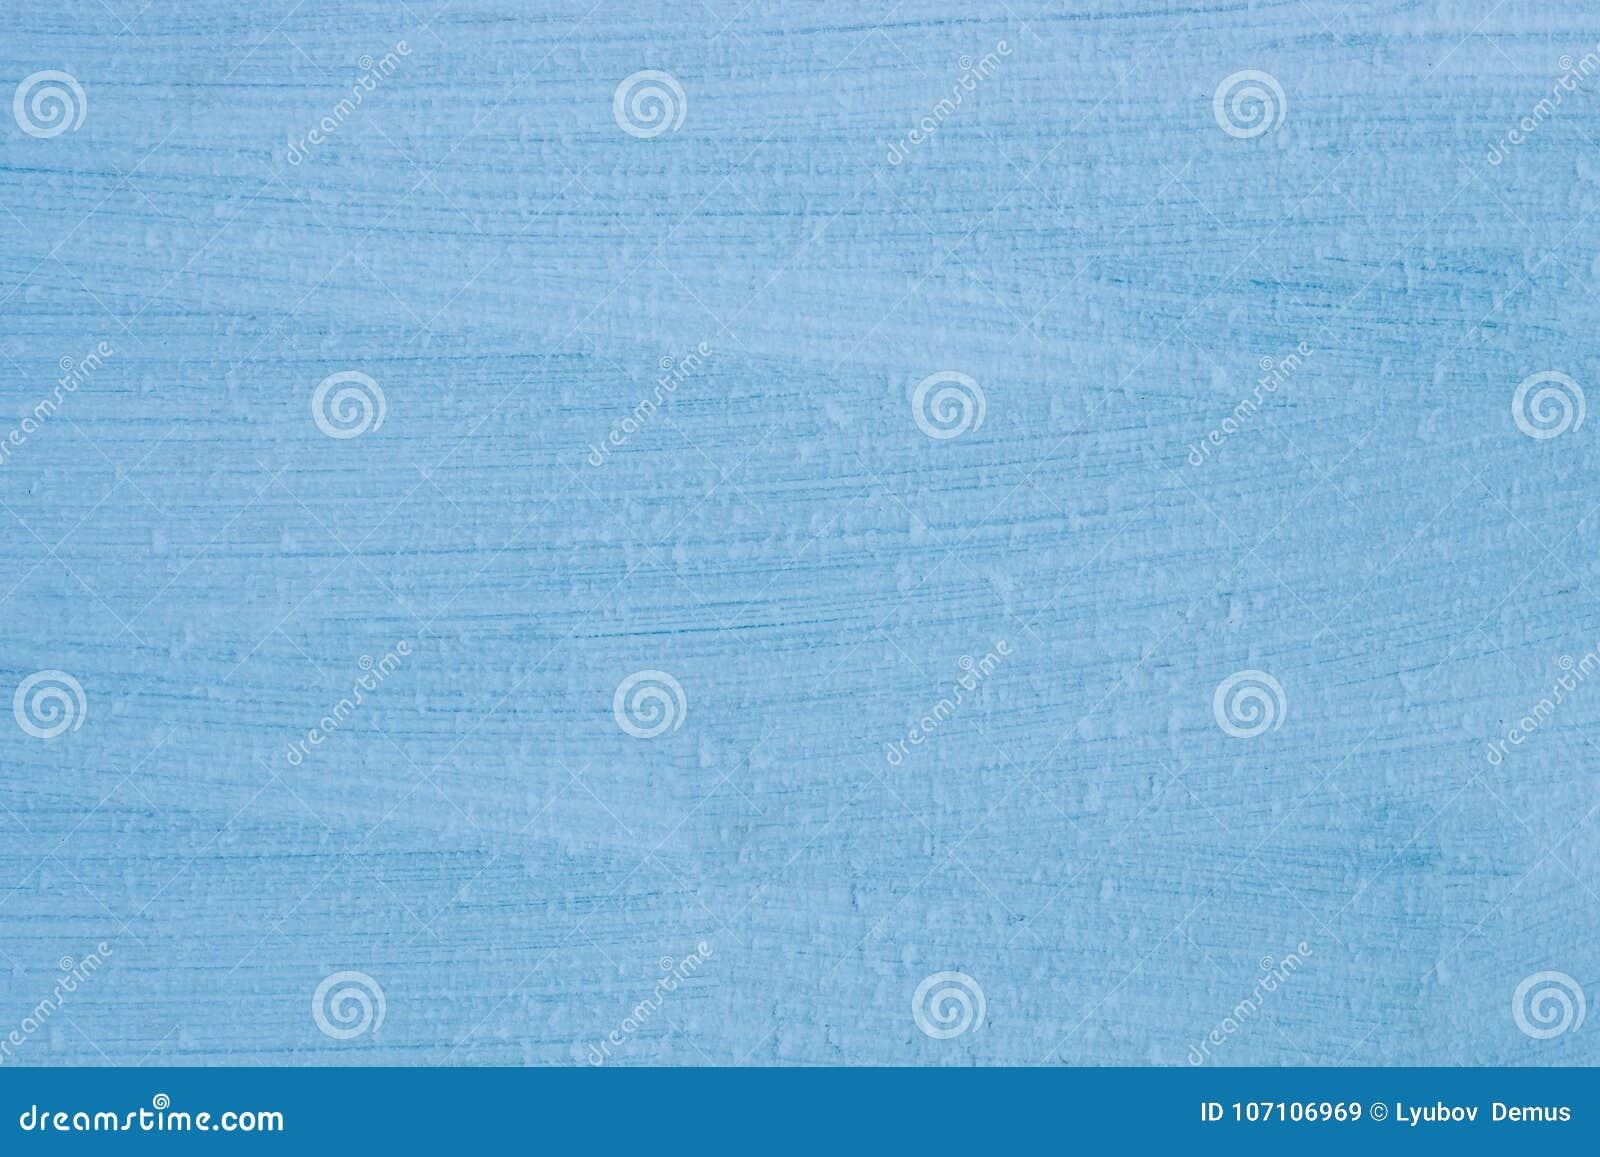 Αφηρημένο υπόβαθρο, σύσταση μετάλλων, λωρίδες, μπλε χρώμα και καλυμμένος με τον παγετό,